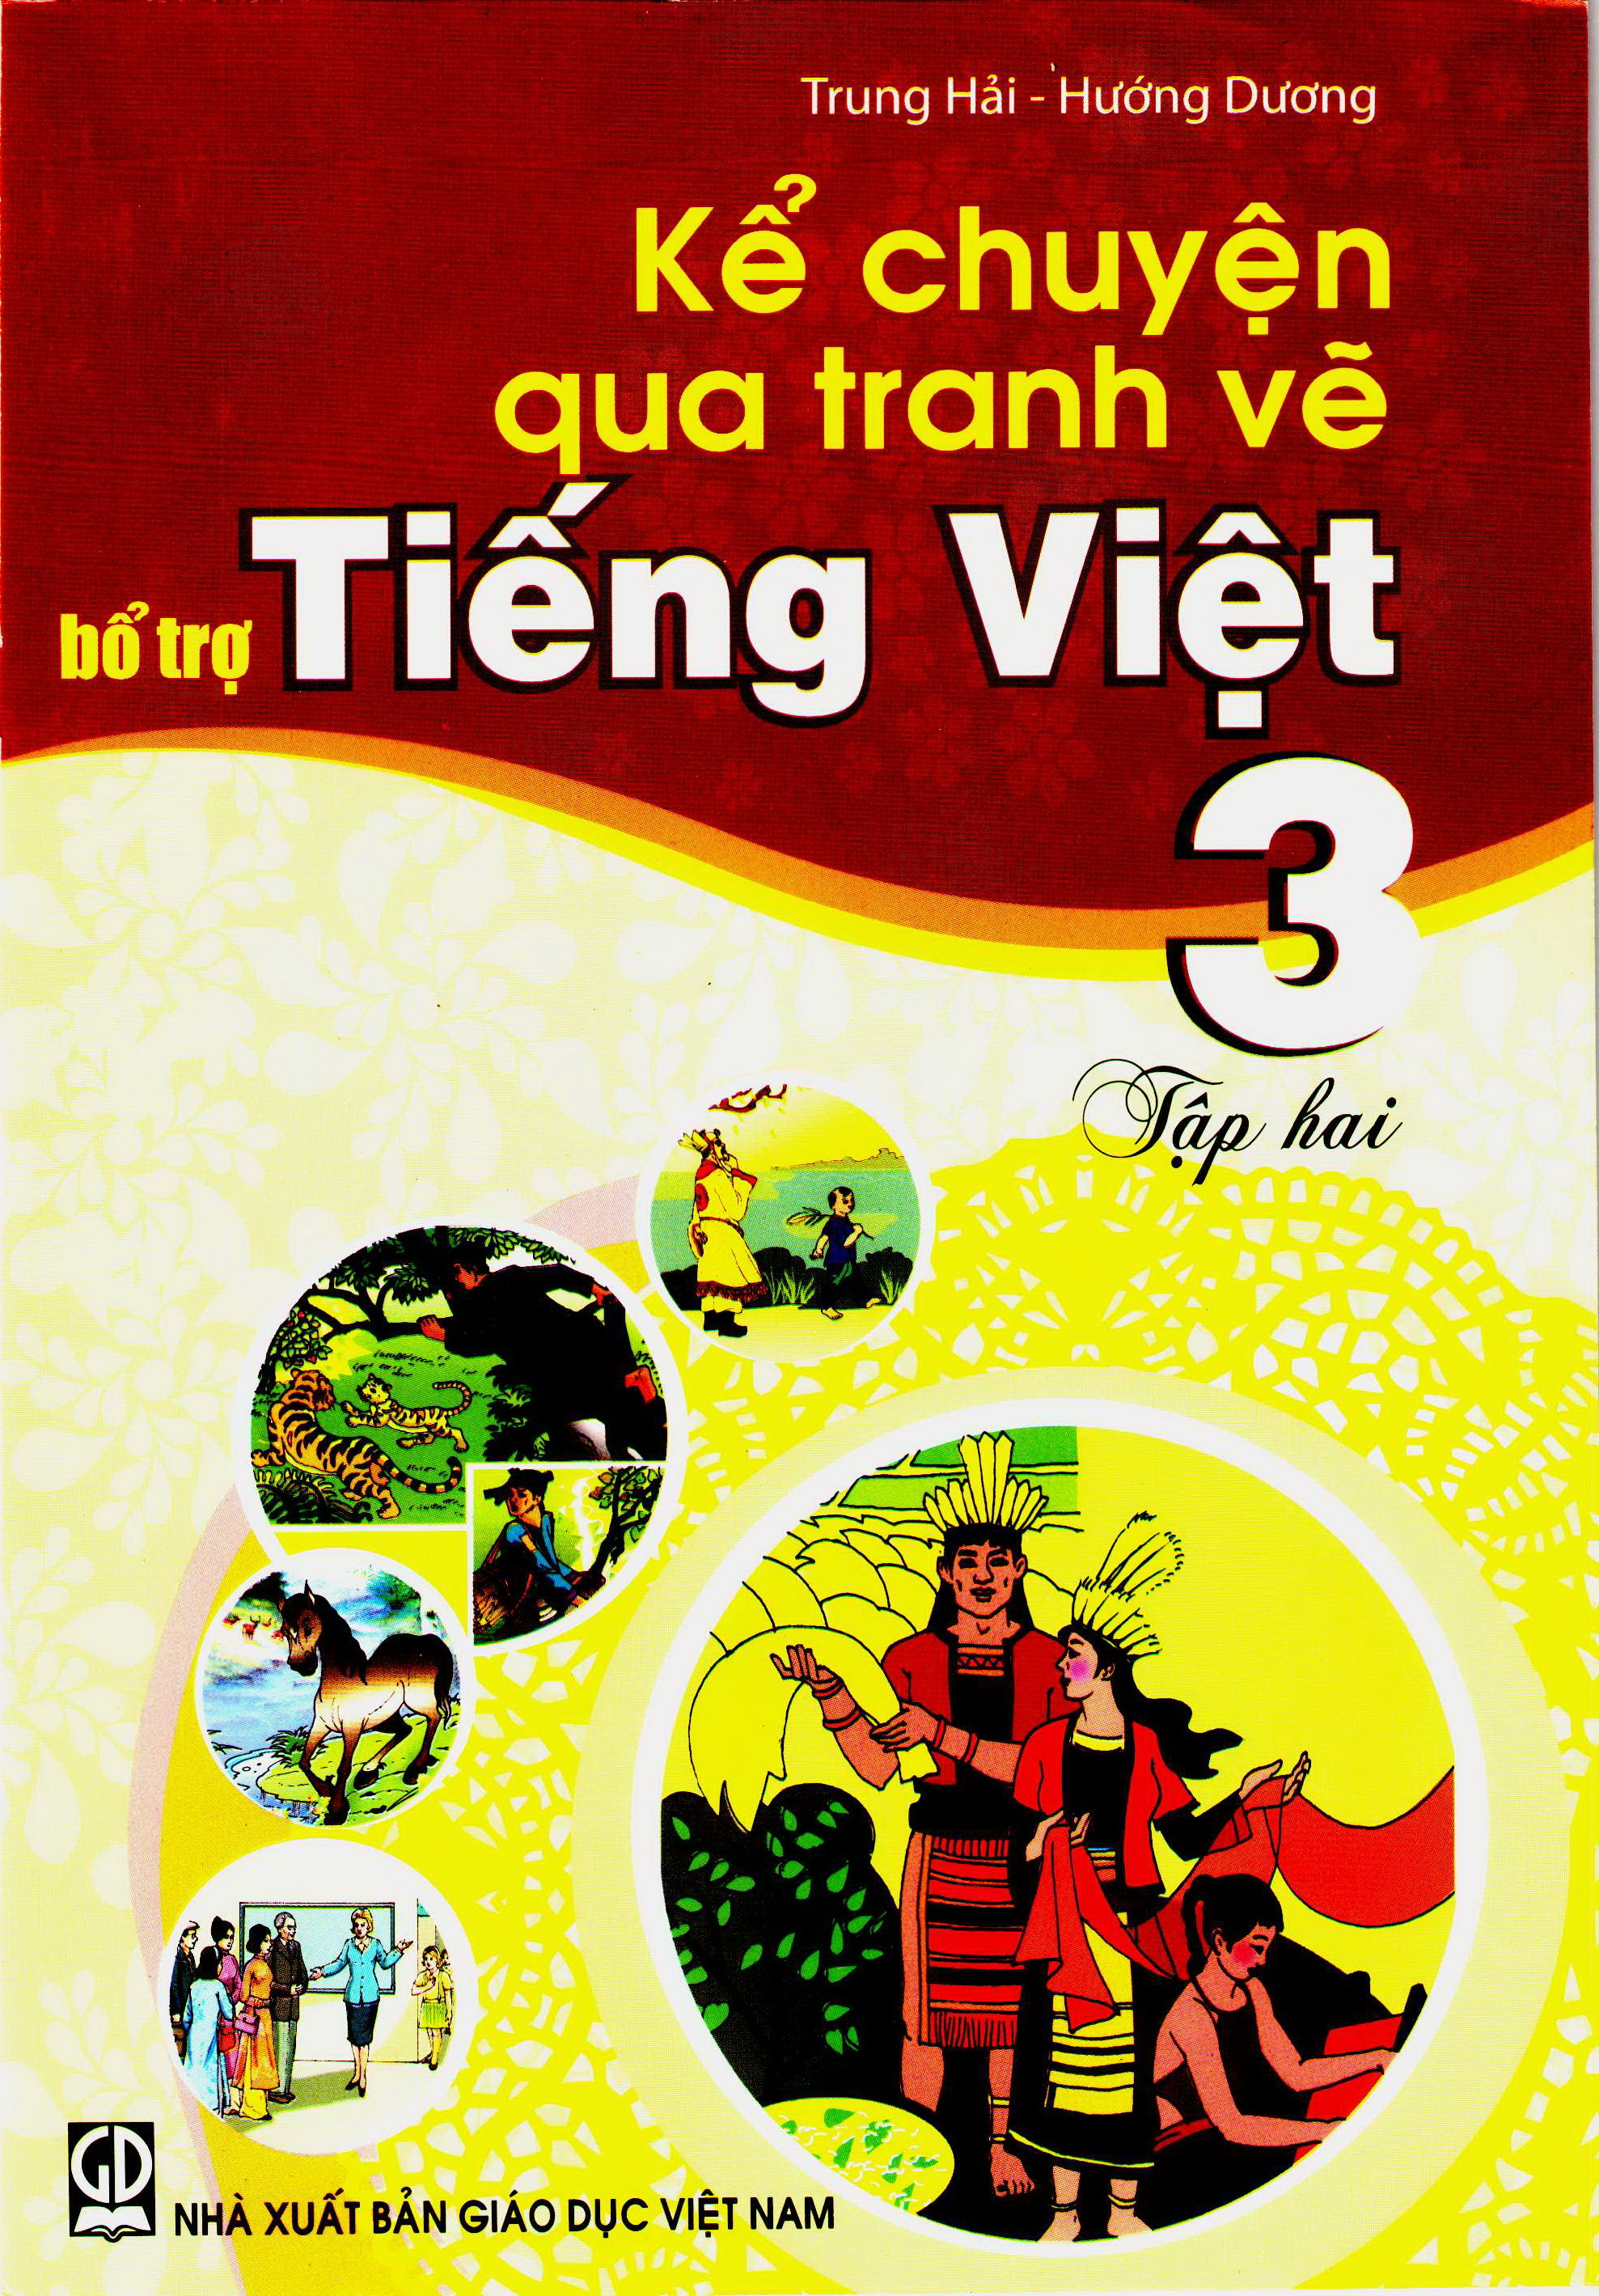 Kể chuyện qua tranh vẽ bổ trợ Tiếng Việt 3, tập 2